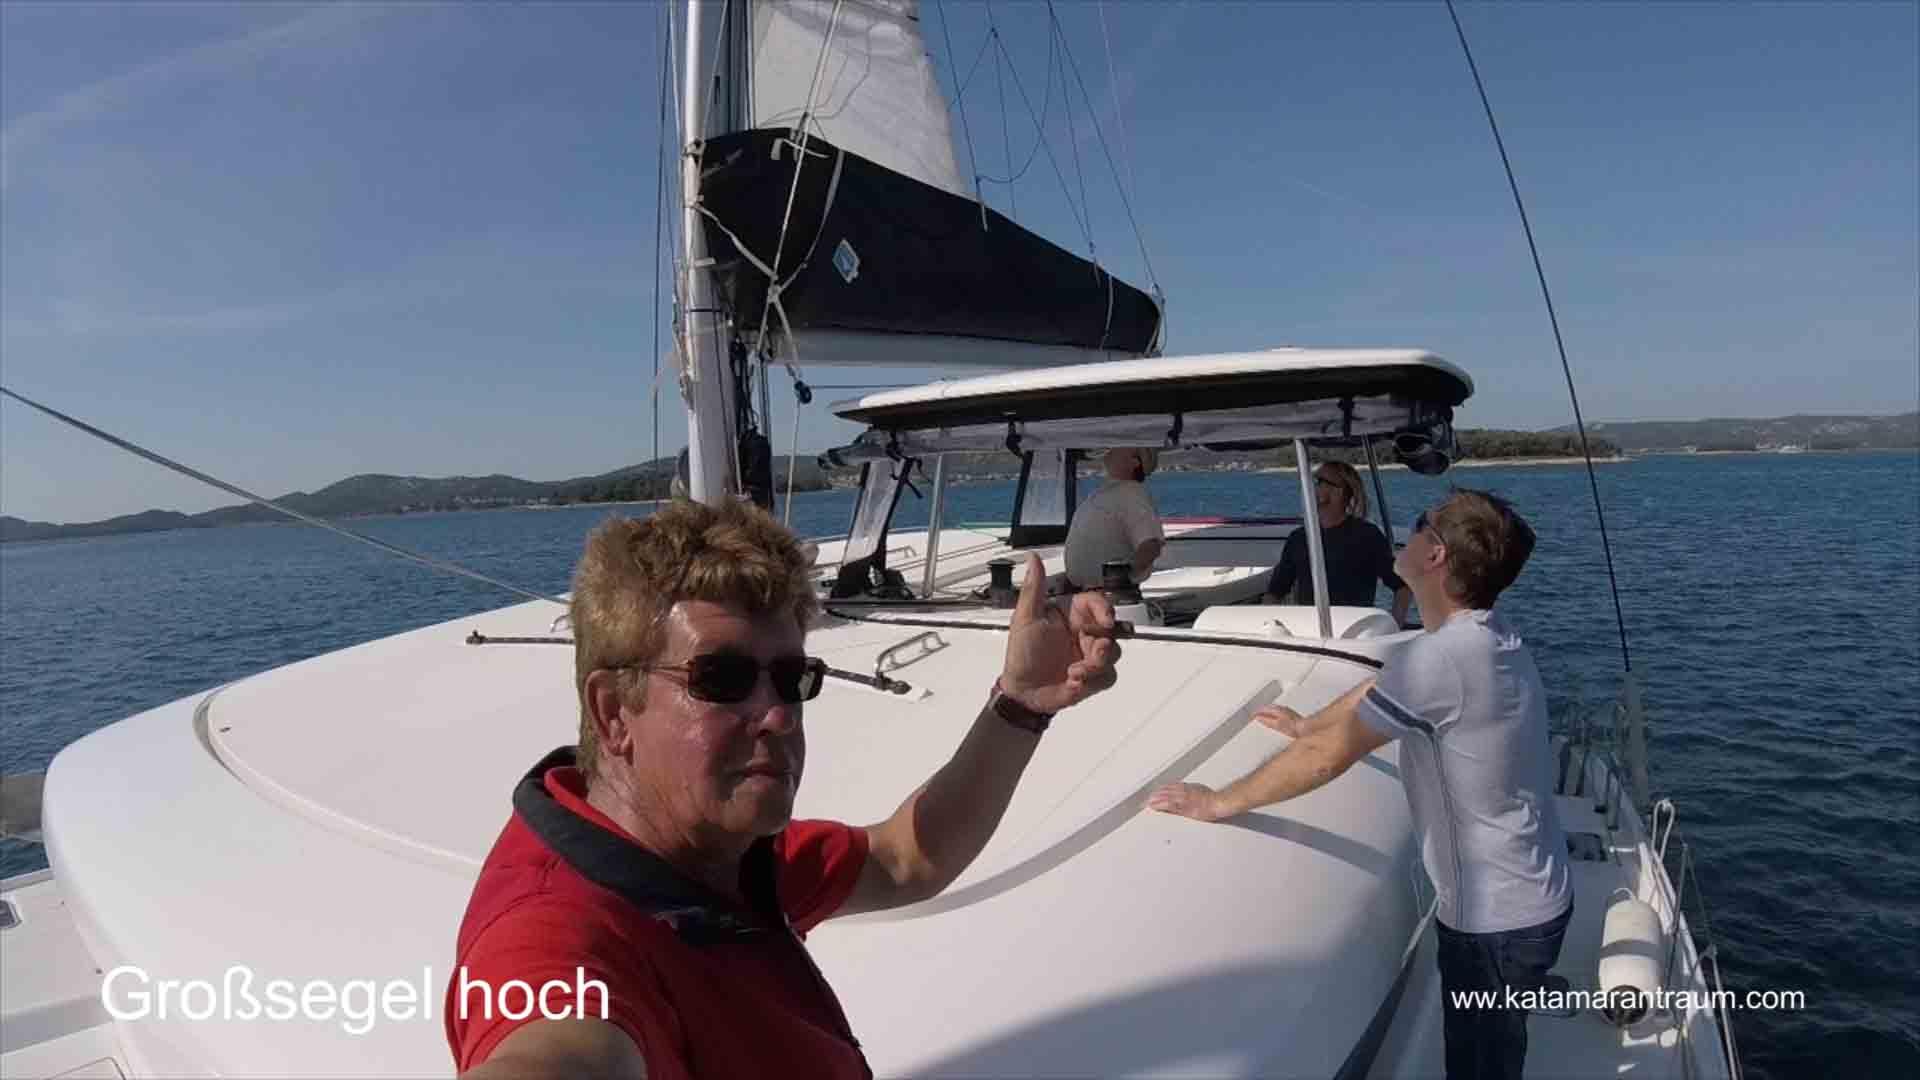 Beim Skippertraining nehmen die Katamarantraining Teilnehmer selbstständig die Segeln hoch